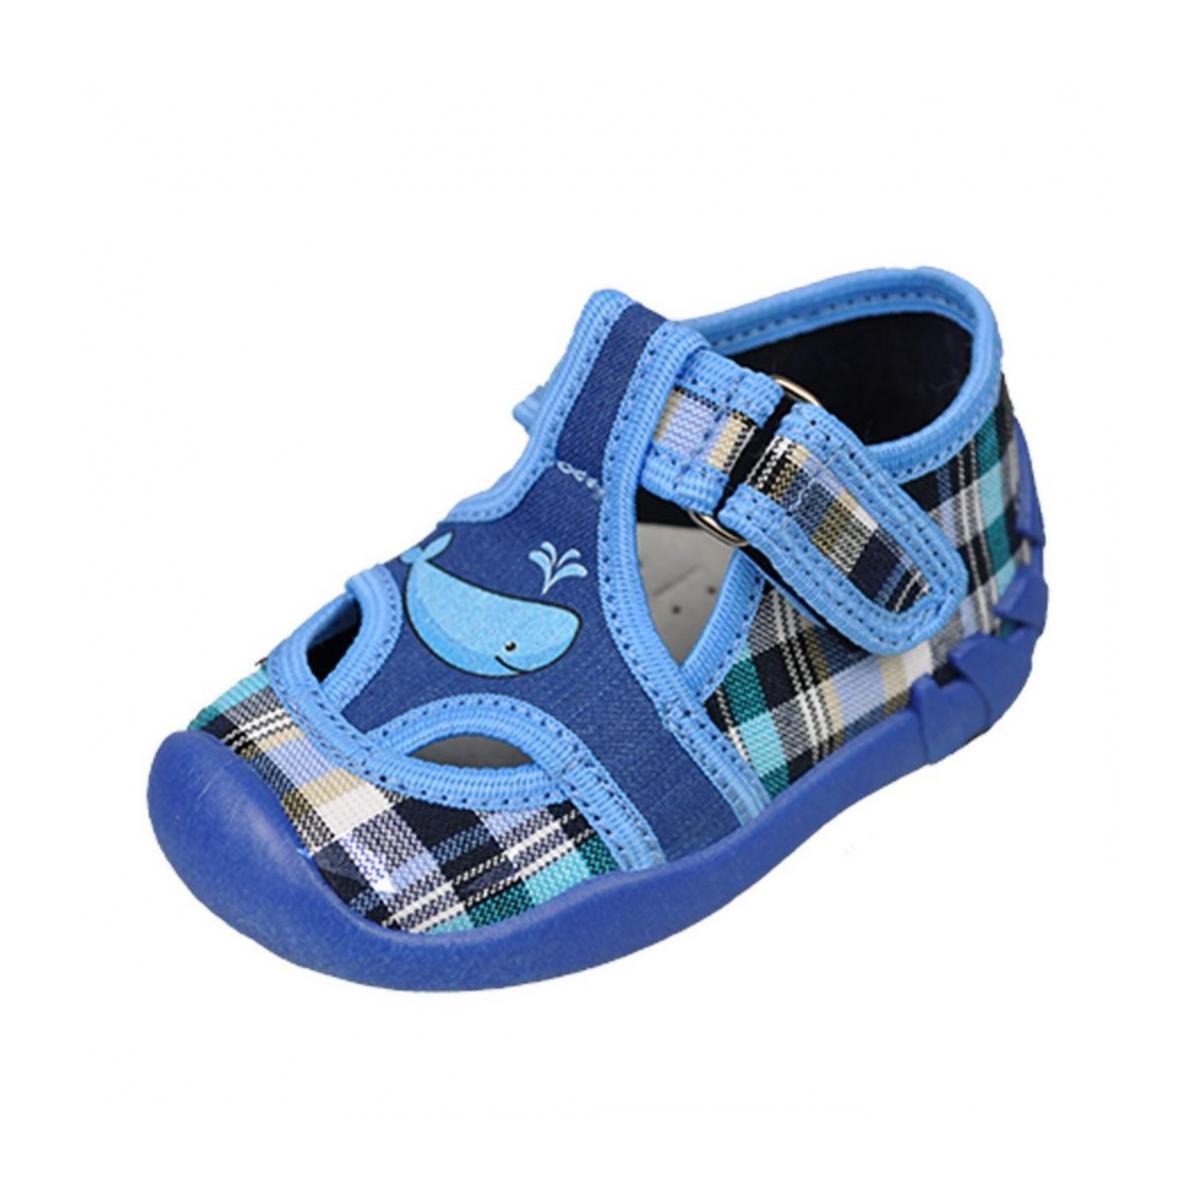 38fd2b2eb9aca Detské modré topánky KIKO | Johnc.sk